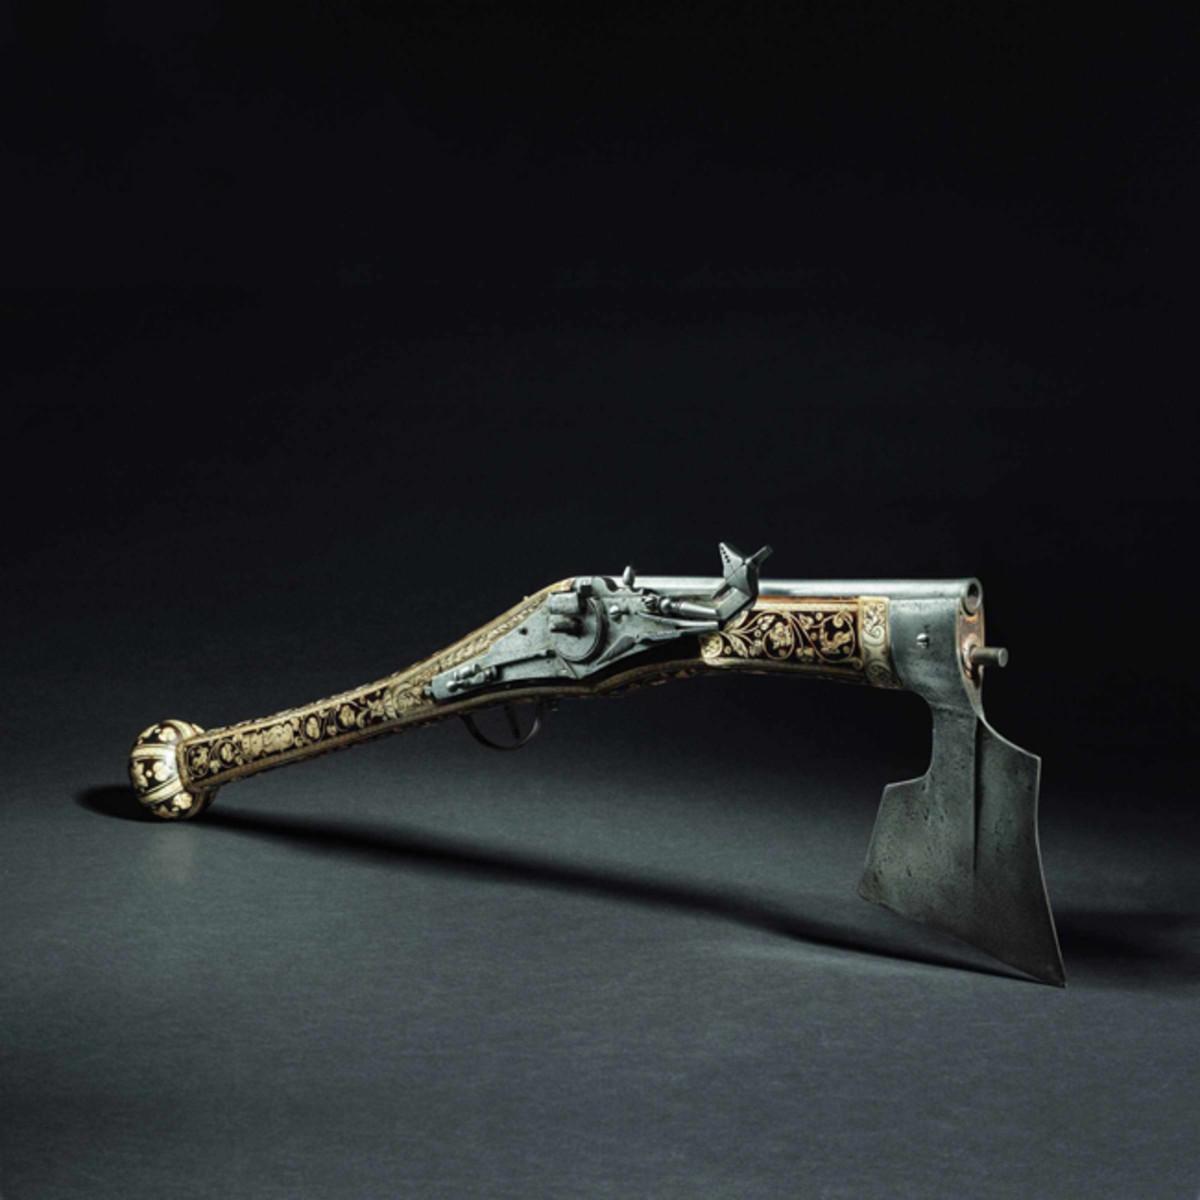 A battle axe with wheellock firearm, Nuremberg, circa 1580.